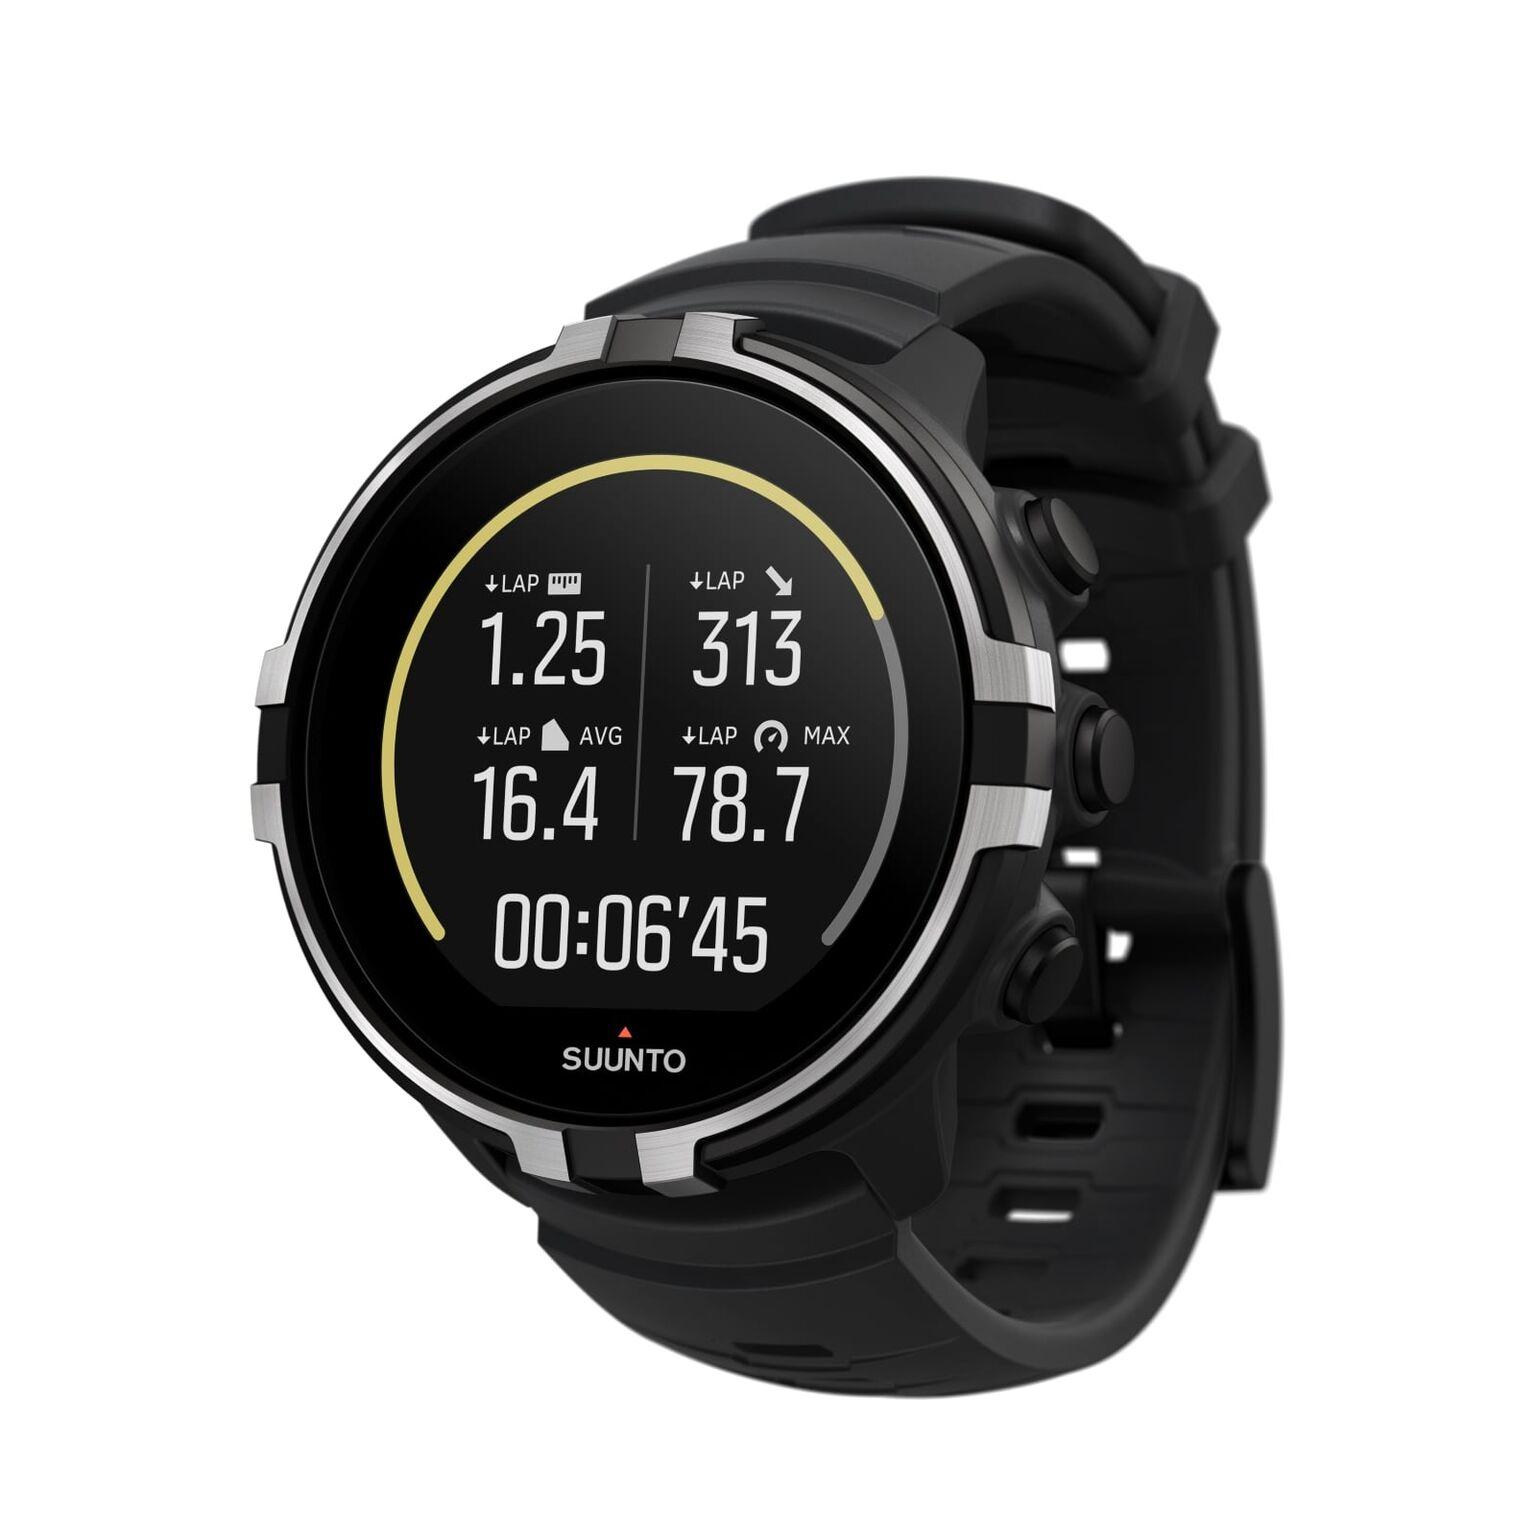 שעון סונטו עם דופק מהיד Suunto Spartan Baro  בשני צבעים לבחירה - משלוח חינם - תמונה 5